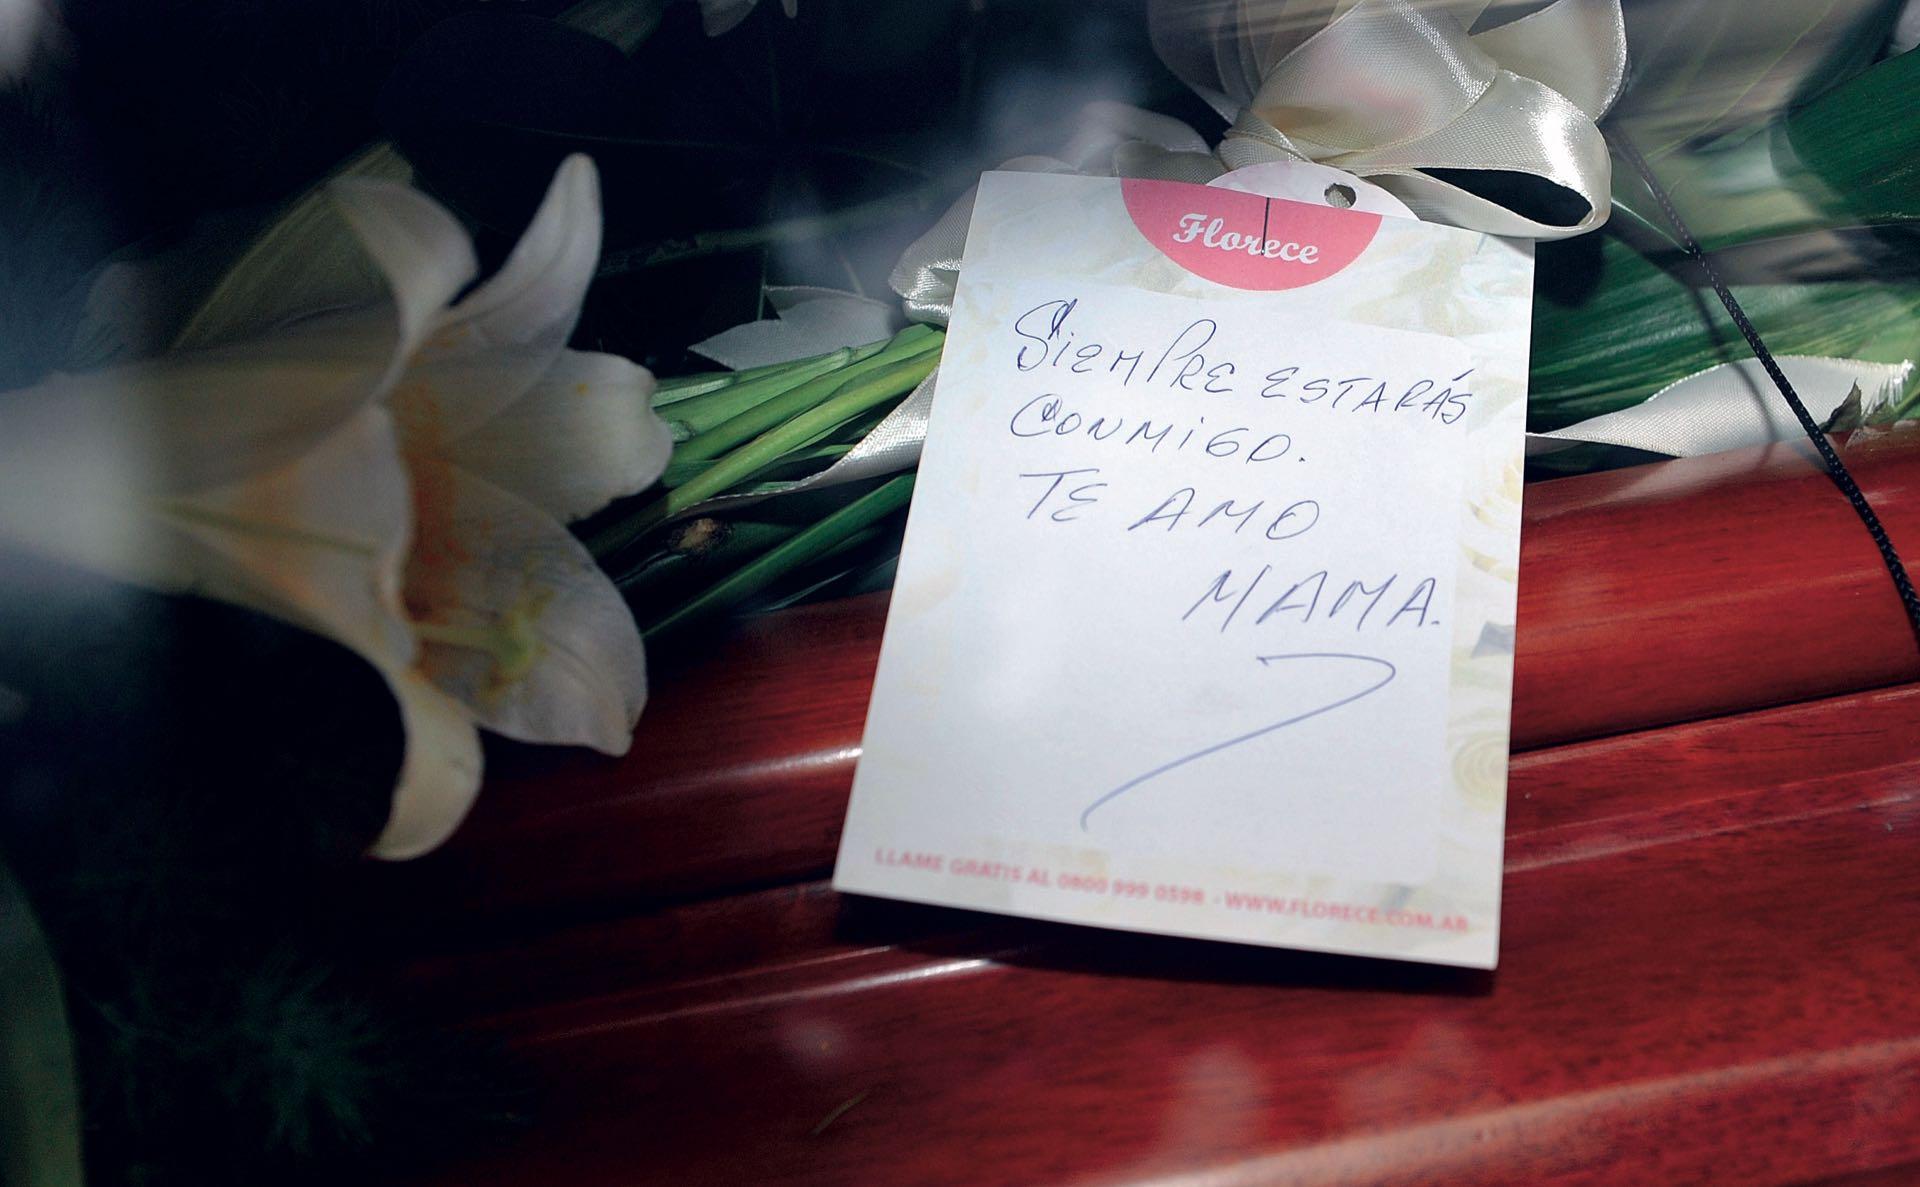 Triste despedida de la mamá de la periodísta Débora Pérez Volpin (Fotos: Enrique García Medina y Maxi Vernazza/GENTE)